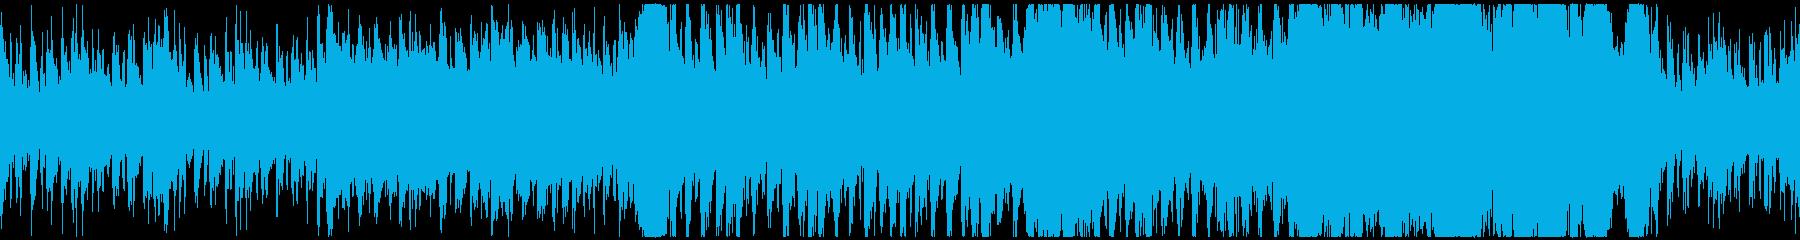 疾走感のある厳格フルオーケストラバトル曲の再生済みの波形